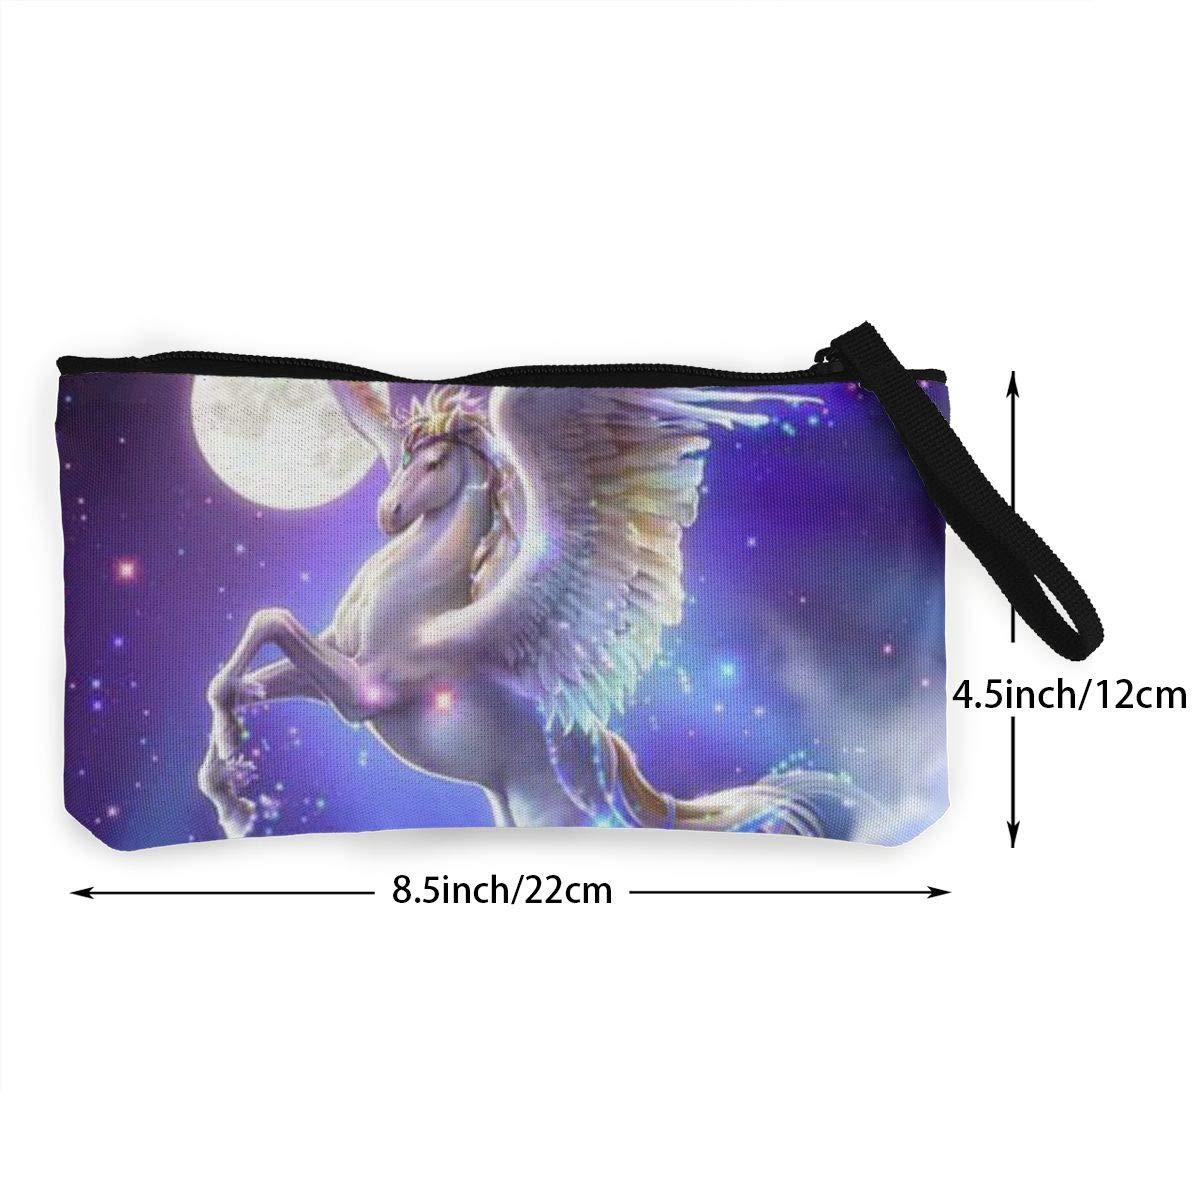 YUANSHAN Pegasus Unicorn Unisex Canvas Coin Purse Change Cash Bag Zipper Small Purse Wallets with Handle